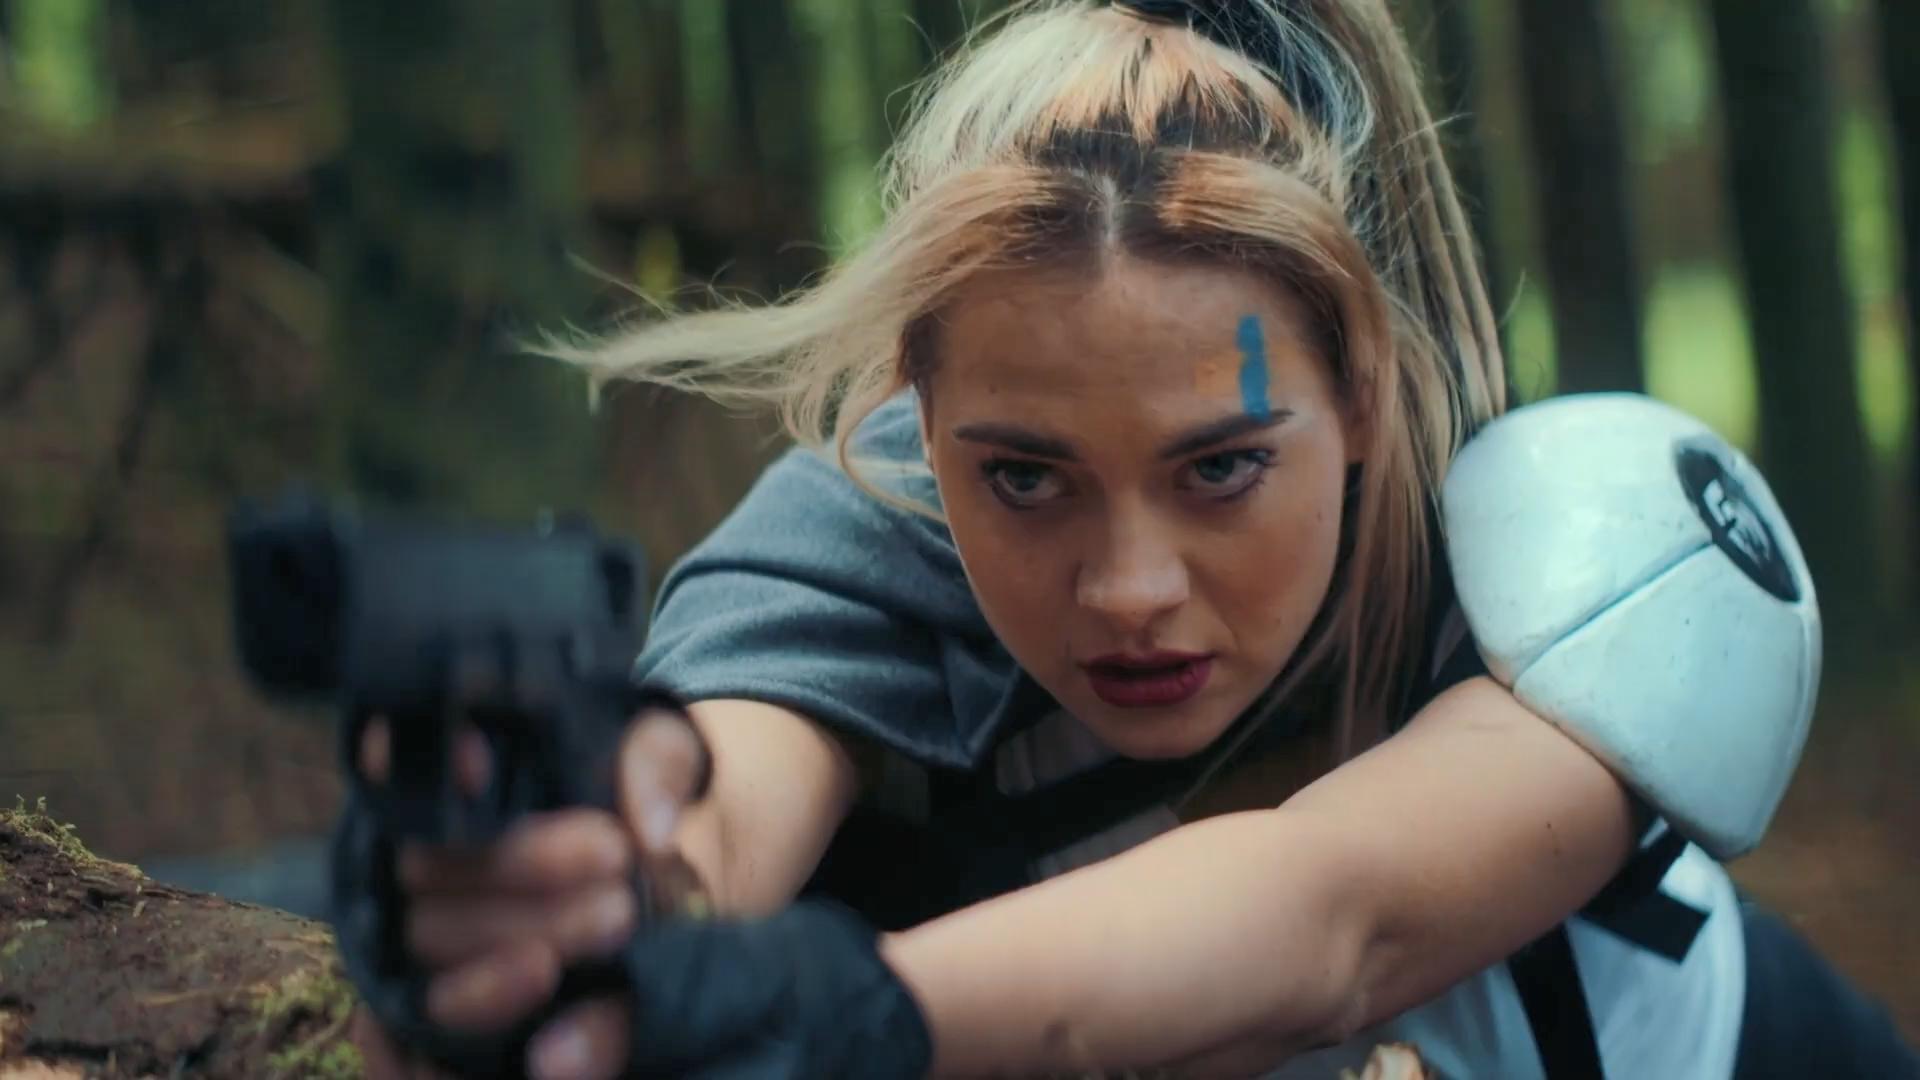 真人互动电影游戏《血岸岛》新预告 11月3日上线